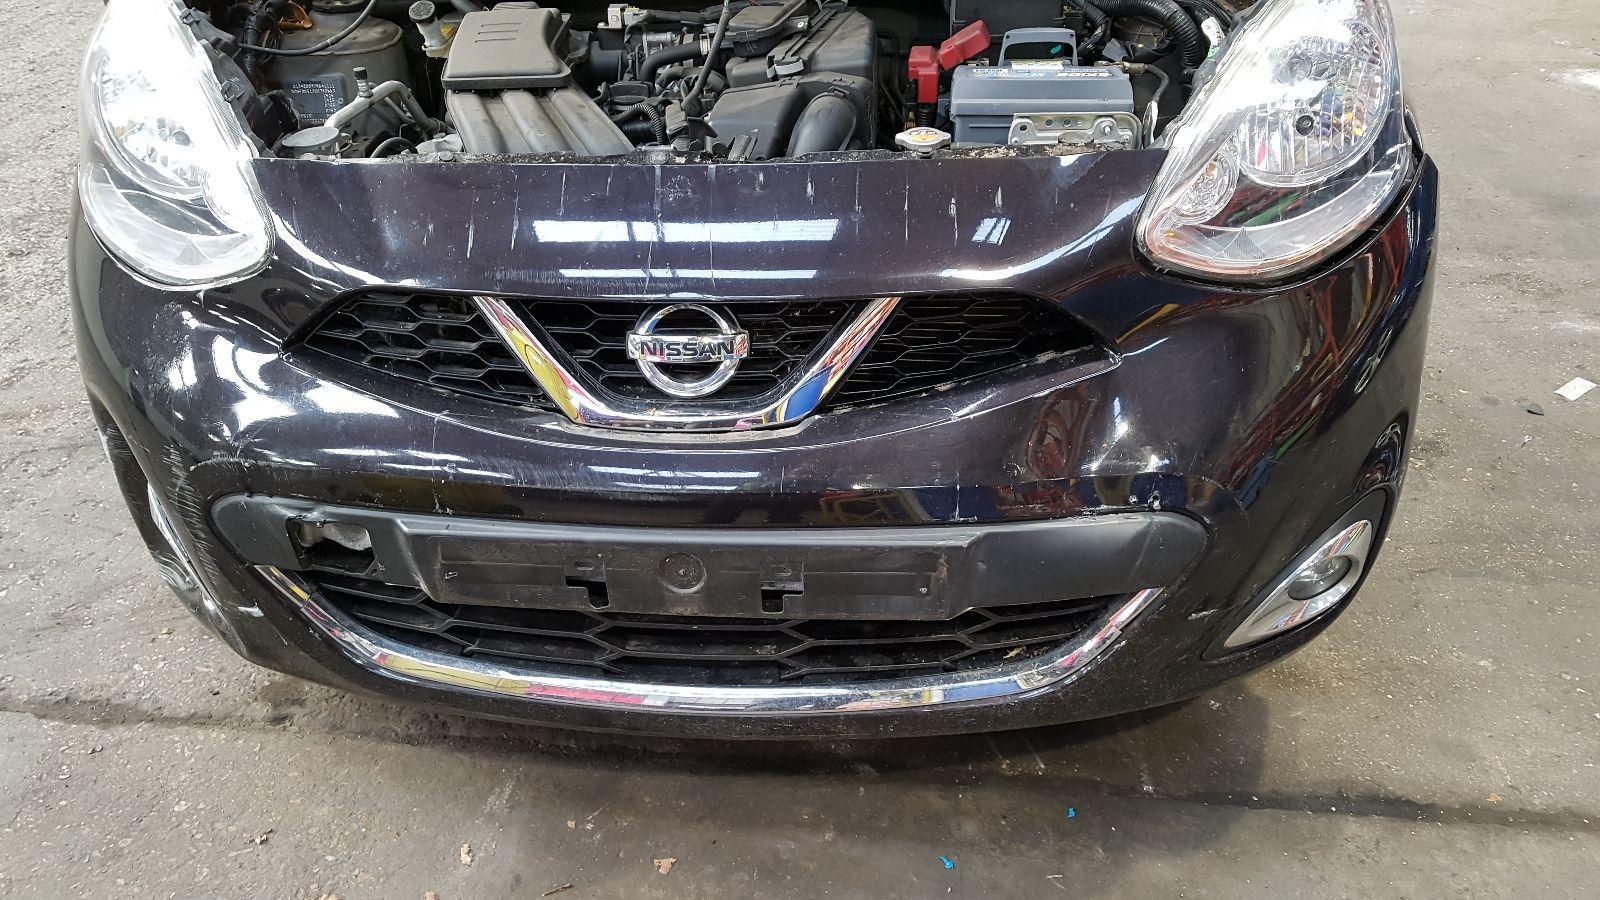 View Auto part Nissan Micra 2014 5 Door Hatchback